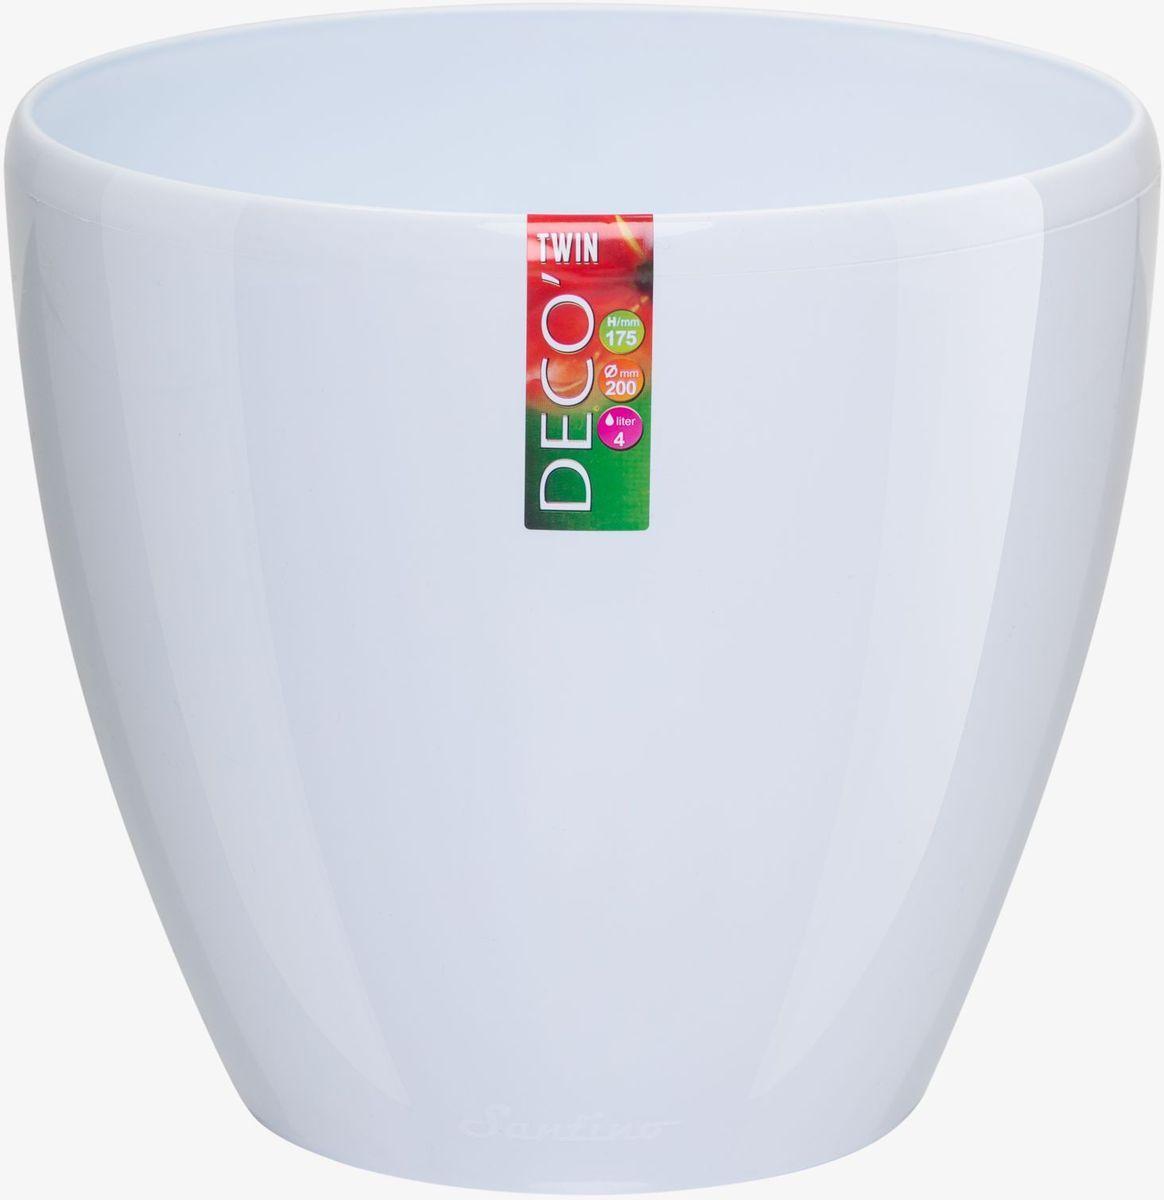 Горшок цветочный Santino Deco Twin, двойной, с системой автополива, цвет: прозрачный, 1,5 л531-401Горшок цветочный Santino Deco Twin снабжен дренажной системой и состоит из кашпо и вазона-вкладыша. Изготовлен из пластика. Особенность: тарелочка или блюдце не нужны. Горшок предназначен для любых растений или цветов. Цветочный дренаж – это система, которая позволяет выводить лишнюю влагу через корневую систему цветка и слой почвы. Растение – это живой организм, следовательно, ему необходимо дышать. В доступе к кислороду нуждаются все части растения: -листья; -корневая система. Если цветовод по какой-либо причине зальет цветок водой, то она буквально вытеснит из почвенного слоя все пузырьки кислорода. Анаэробная среда способствует развитию различного рода бактерий. Безвоздушная среда приводит к загниванию корневой системы, цветок в результате увядает. Суть работы дренажной системы заключается в том, чтобы осуществлять отвод лишней влаги от растения и давать возможность корневой системе дышать без проблем. Следовательно, каждому цветку необходимо: -иметь в основании цветочного горшочка хотя бы одно небольшое дренажное отверстие. Оно необходимо для того, чтобы через него выходила лишняя вода, плюс ко всему это отверстие дает возможность циркулировать воздух. -на самом дне горшка необходимо выложить слоем в 2-5 см (зависит от вида растения) дренаж.УВАЖАЕМЫЕ КЛИЕНТЫ!Обращаем ваше внимание на тот факт, что фото изделия служит для визуального восприятия товара. Литраж и размеры, представленные на этикетке товара, могут по факту отличаться от реальных. Корректные данные в поле Размеры.